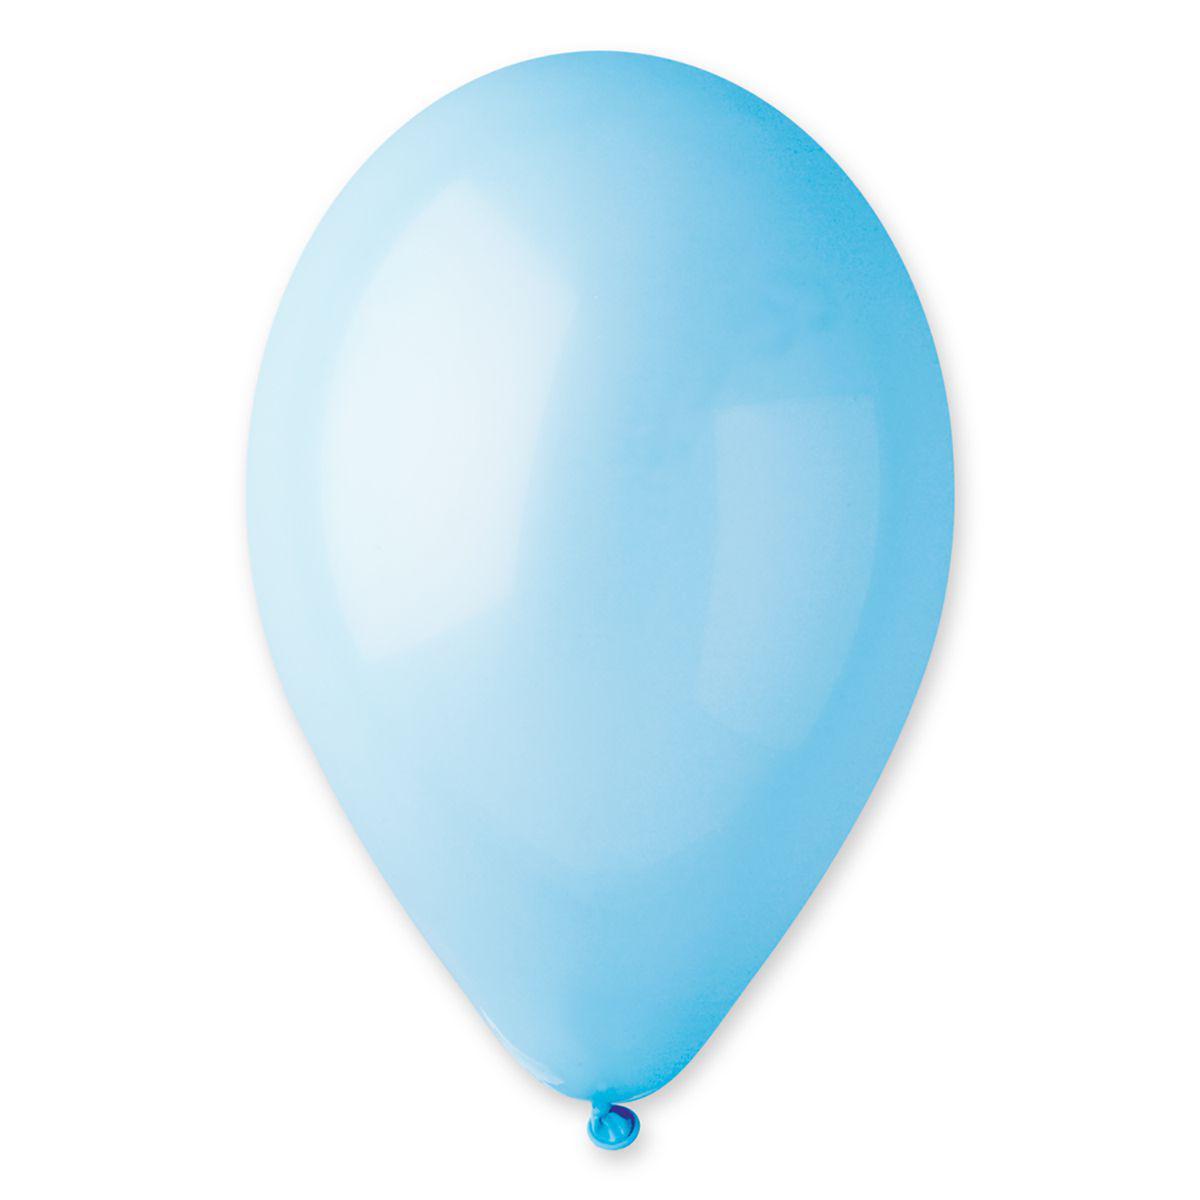 """Повітряні кулі GEMAR 5""""/72(13см) Пастель Блакитний матовий від 1 шт"""